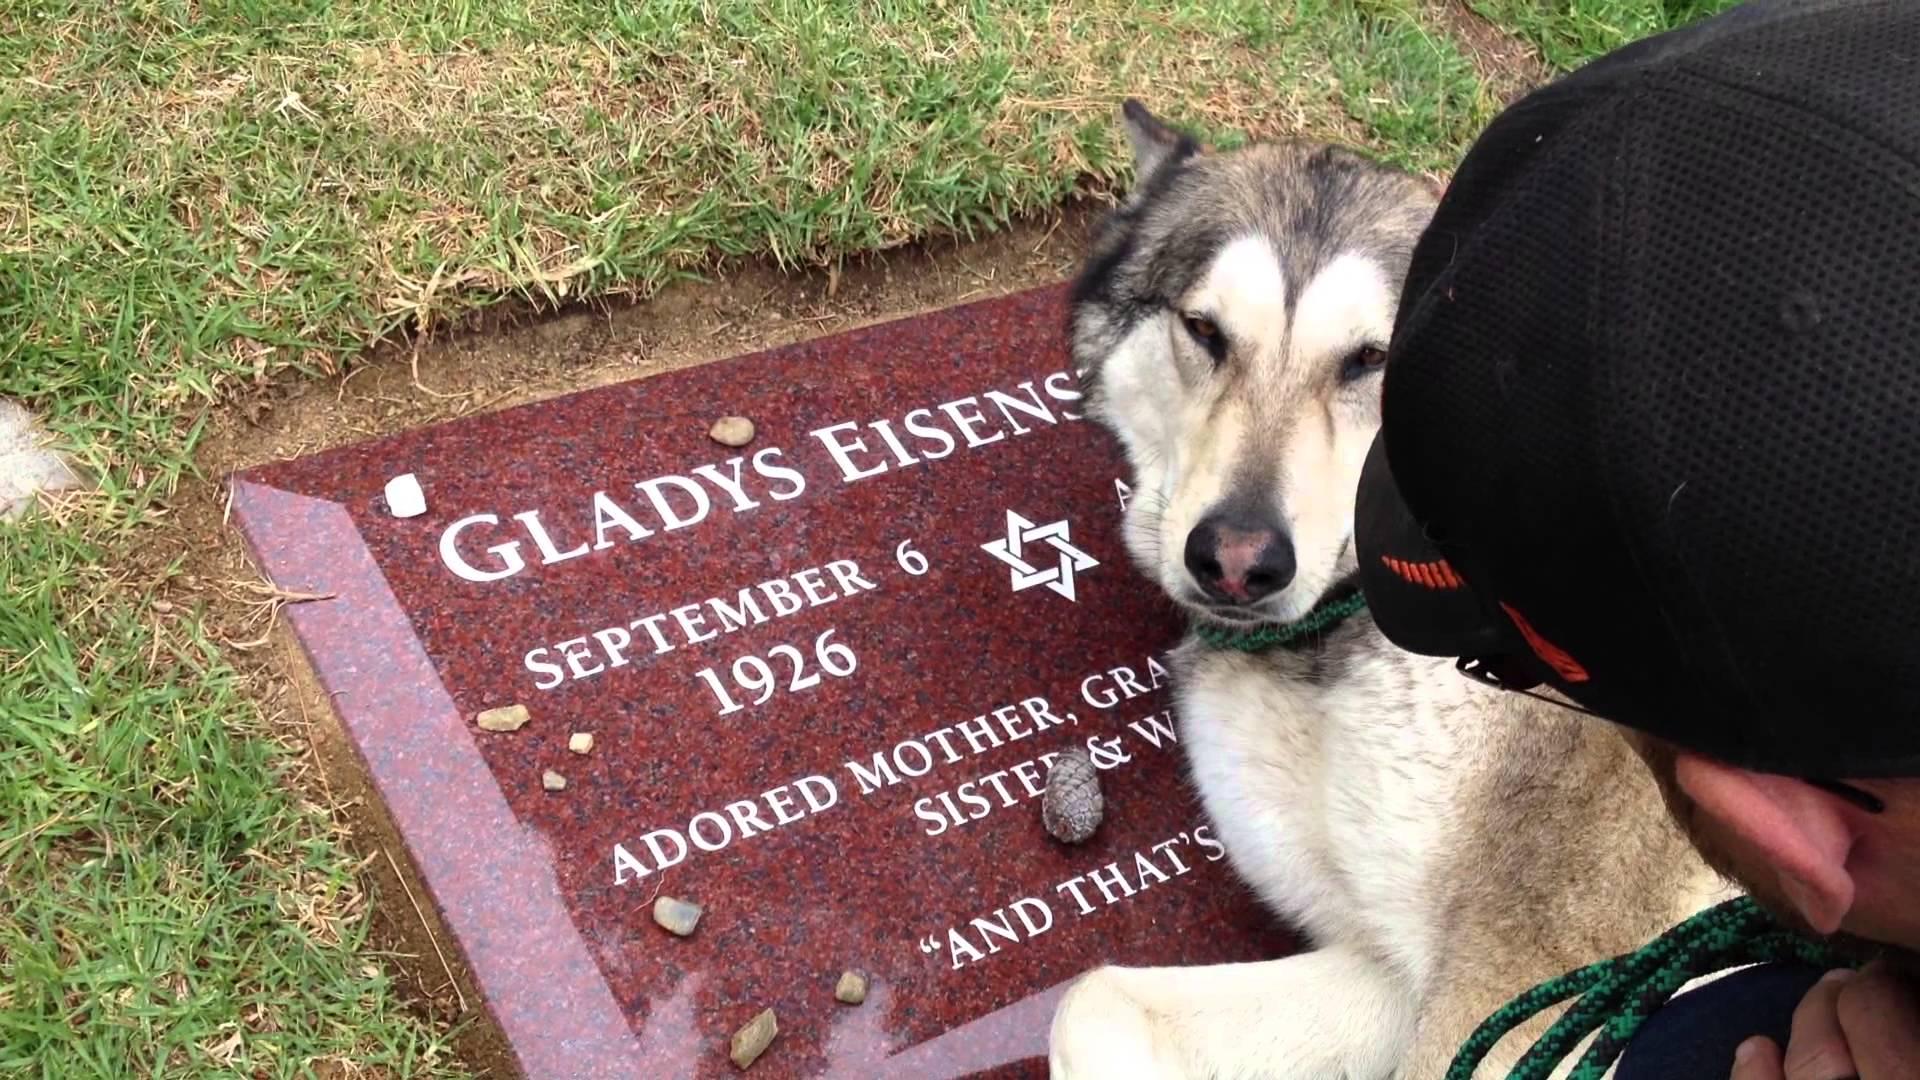 VIDEO: Vaata, kuidas koer käitub, kui ta viiakse vanaema hauale